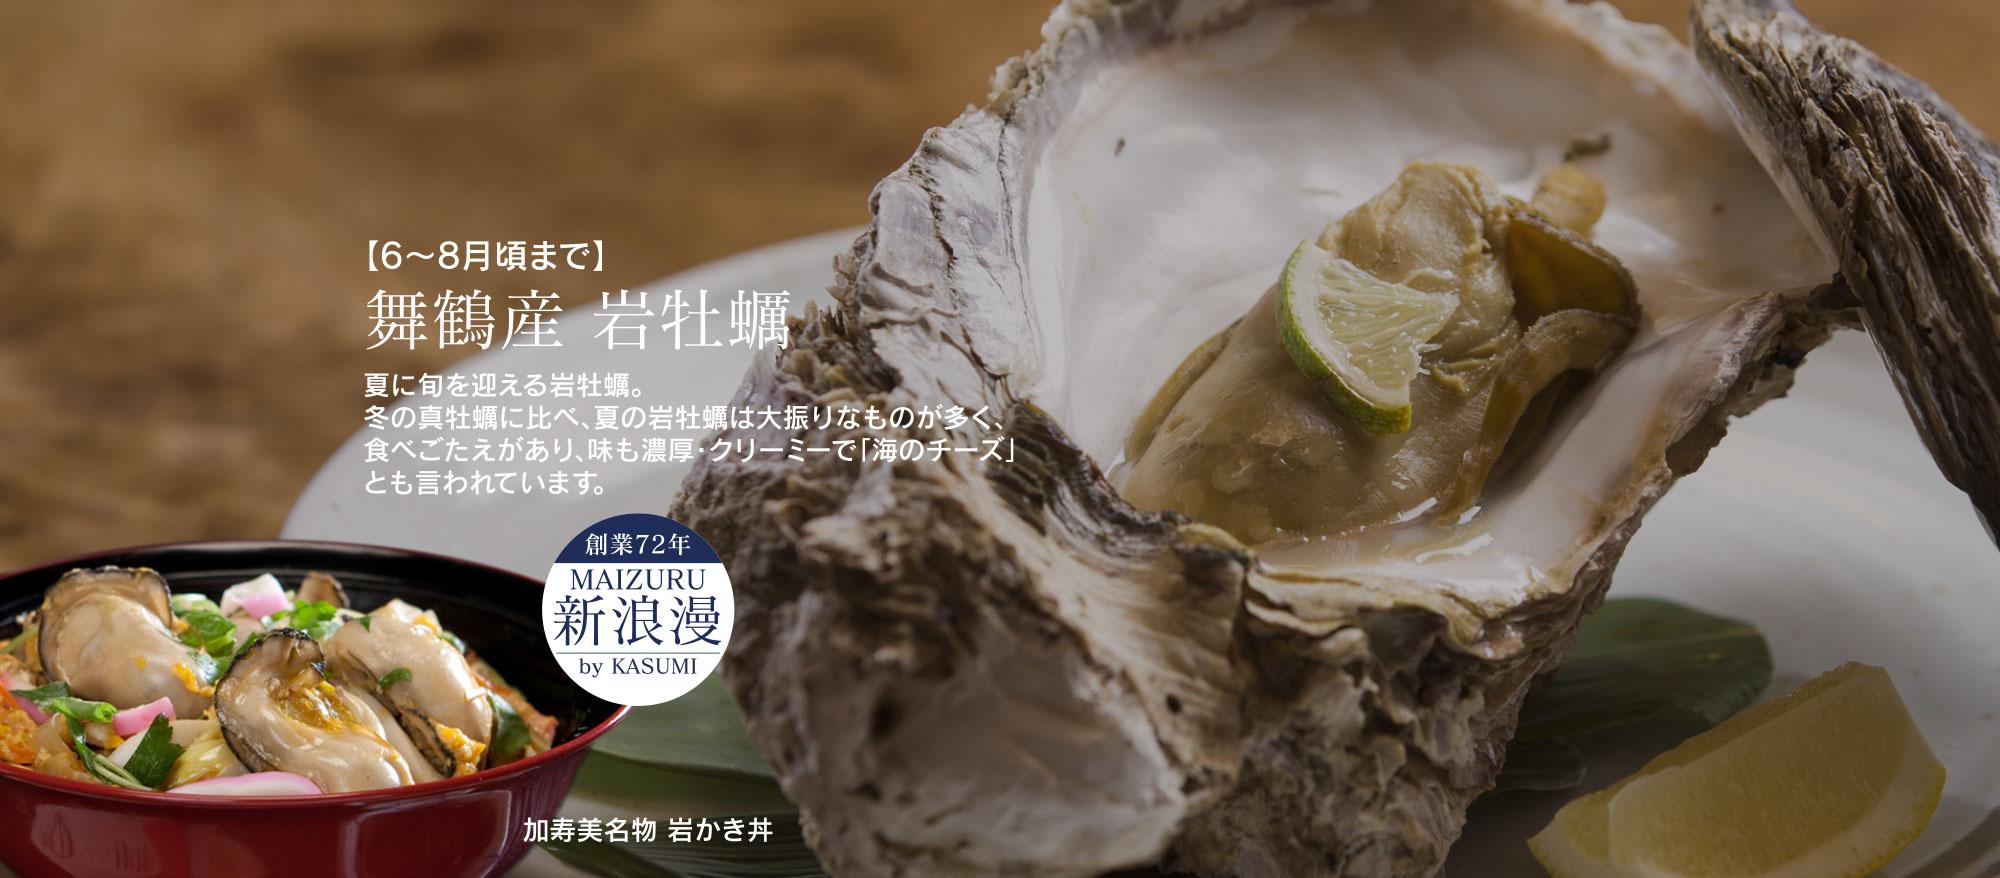 牡蠣 舞鶴 岩